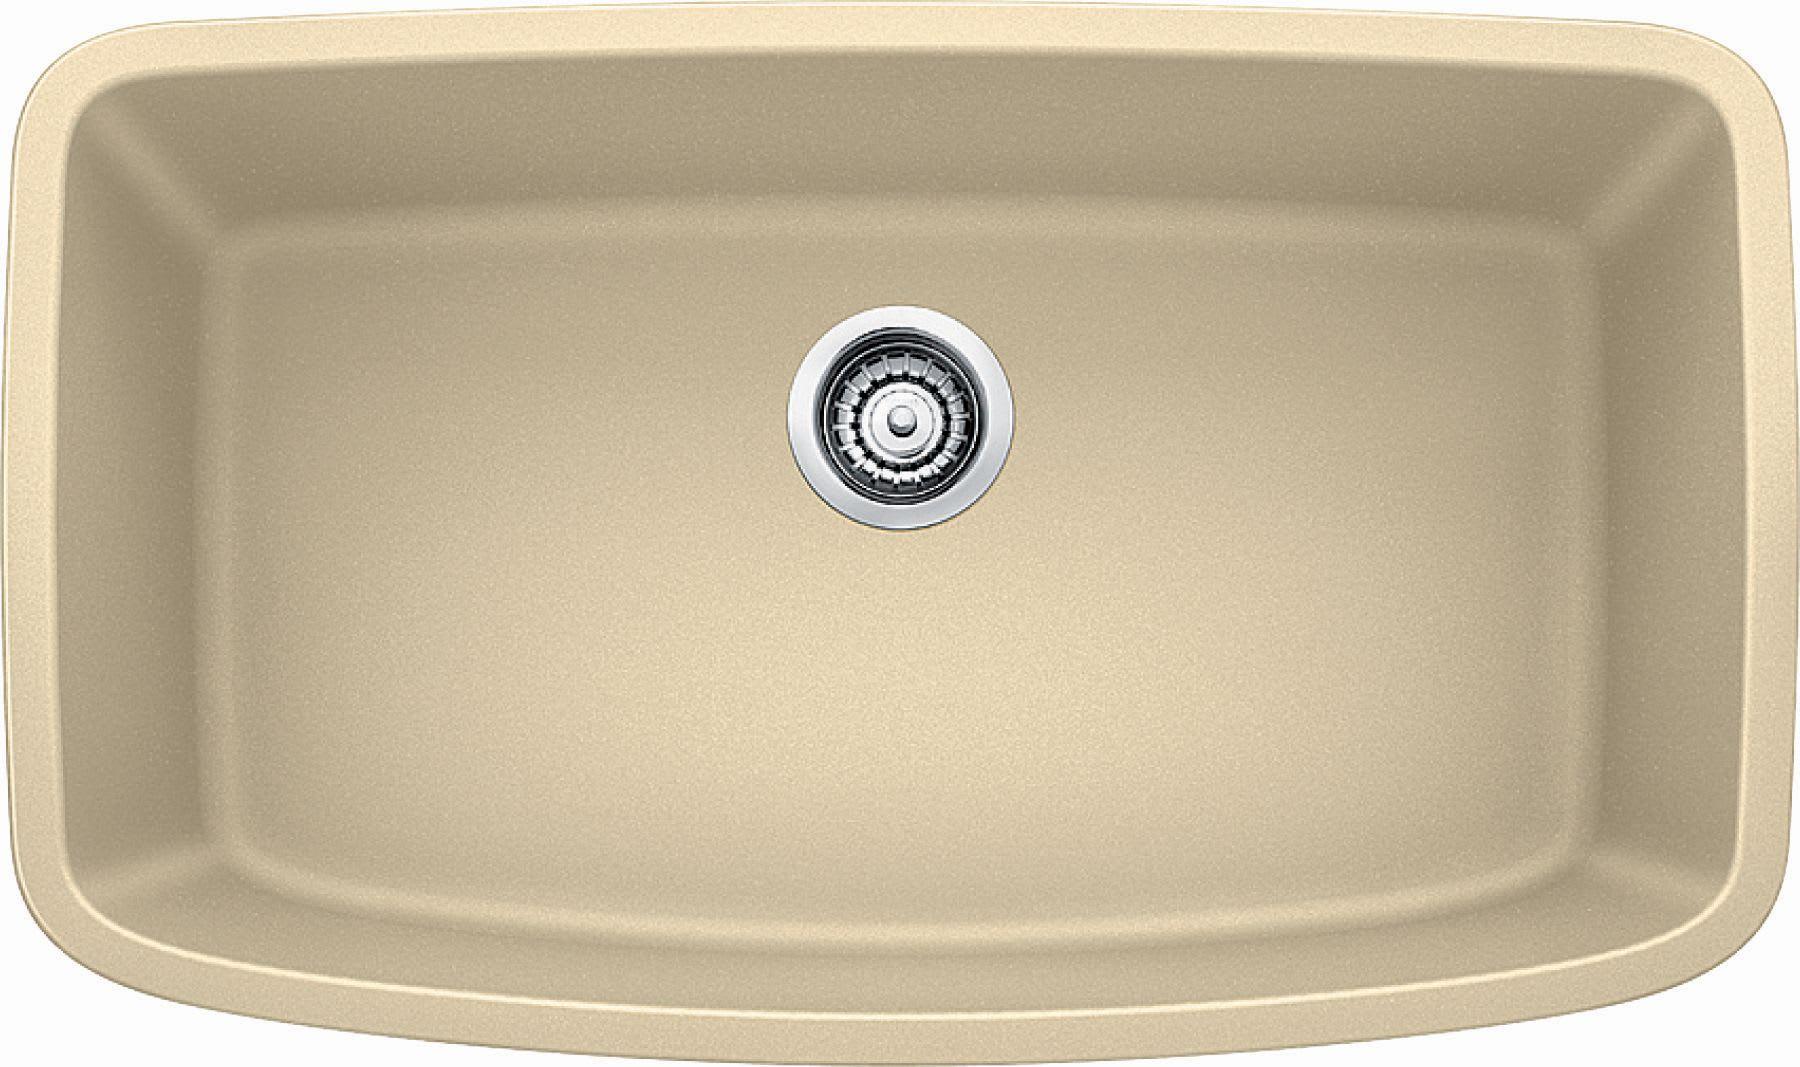 """Blanco 441612 Biscotti Valea 32-1/4"""" Silgranit Granite Composite Undermount Super Single Bowl Kitchen Sink - FaucetDirect.com"""